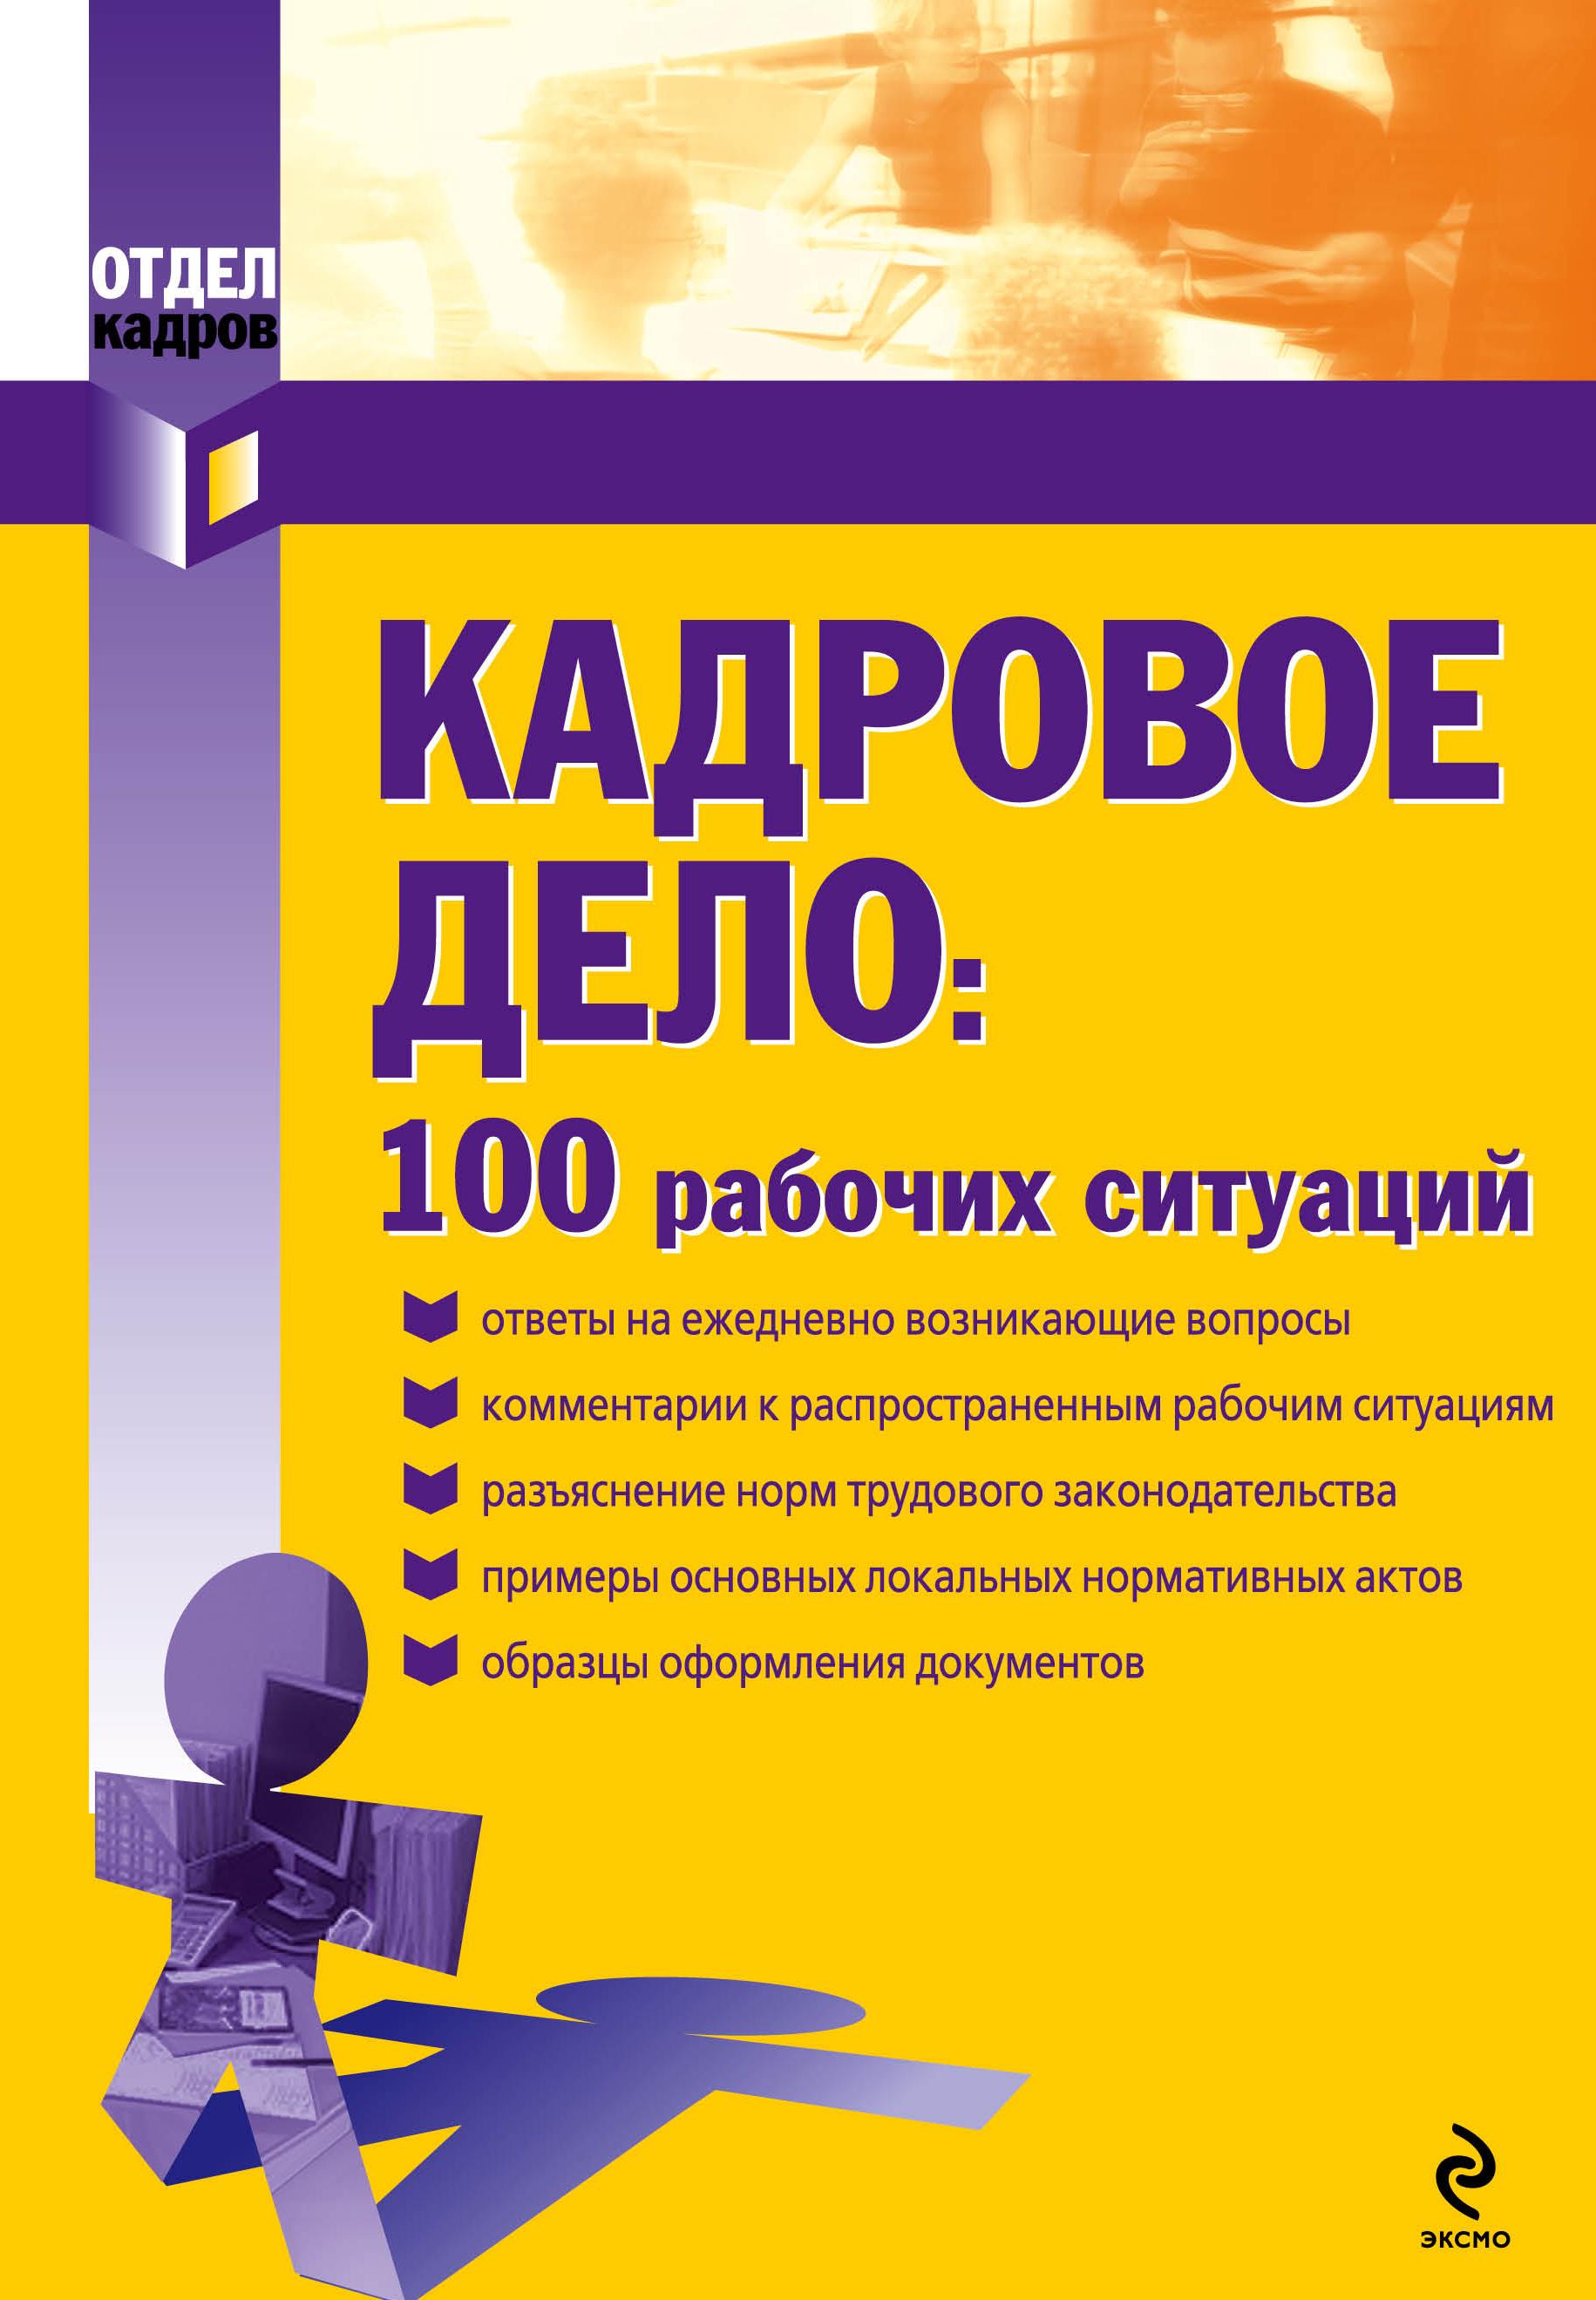 Кадровое дело: 100 рабочих ситуаций от book24.ru